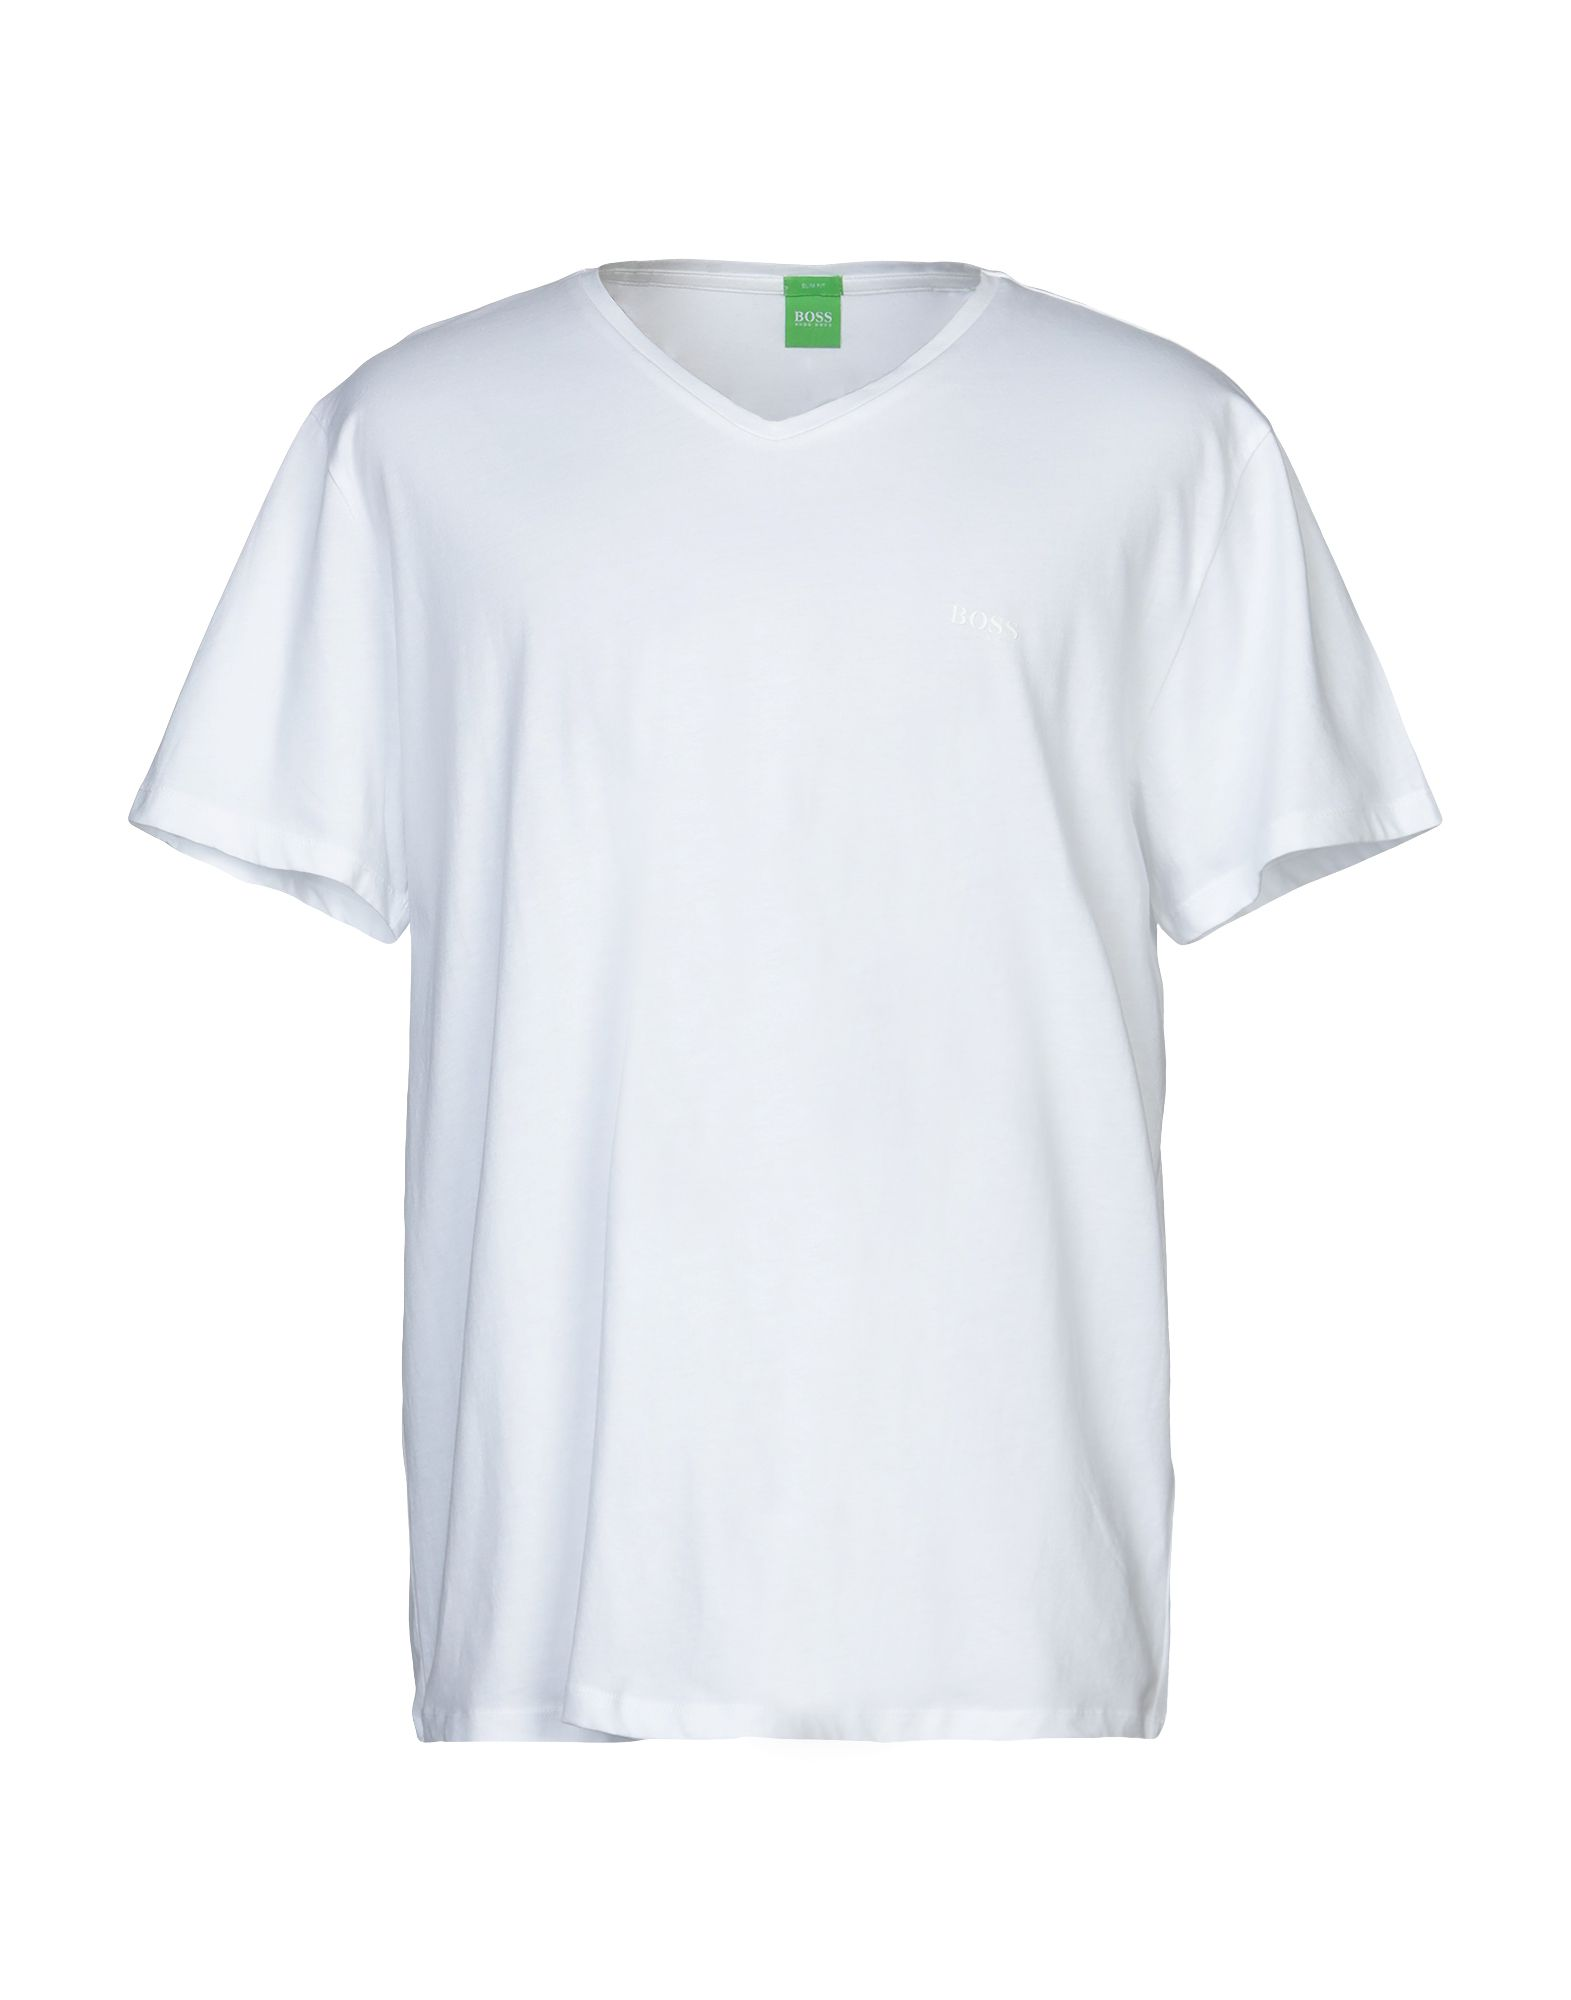 BOSS GREEN Футболка boss green меланжевая футболка